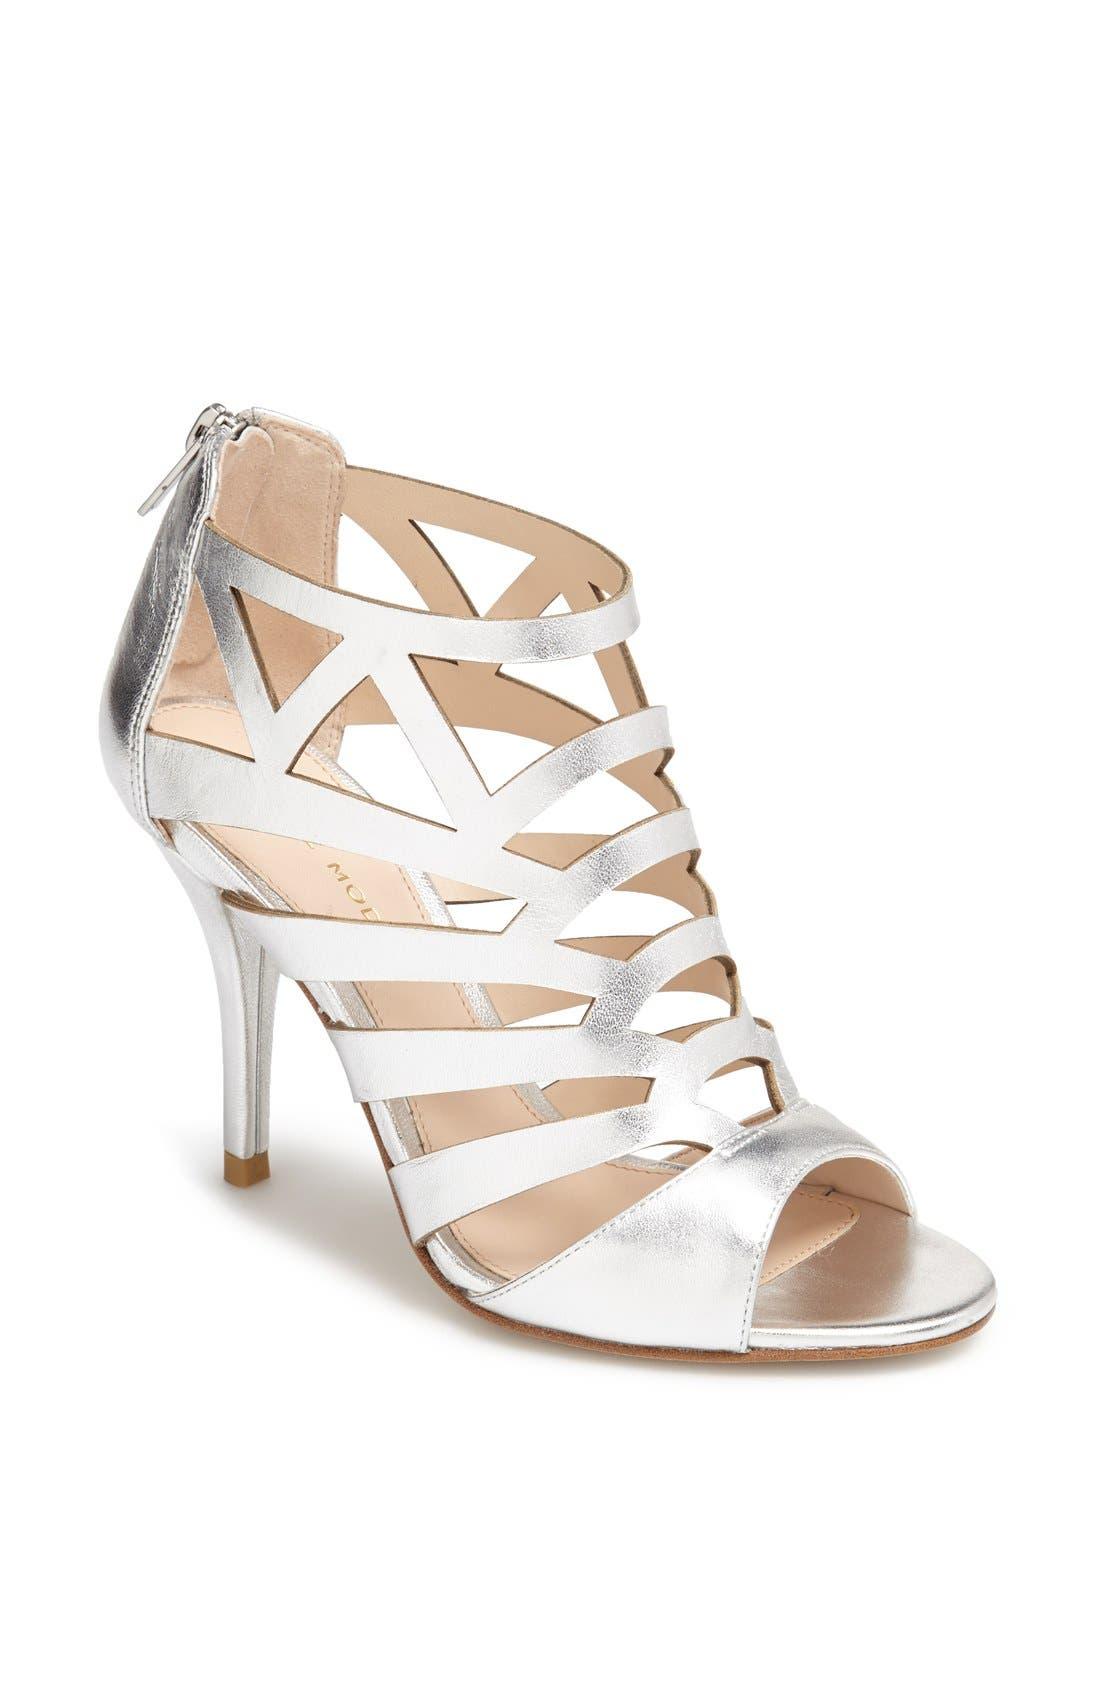 Main Image - Pelle Moda 'Elham' Sandal